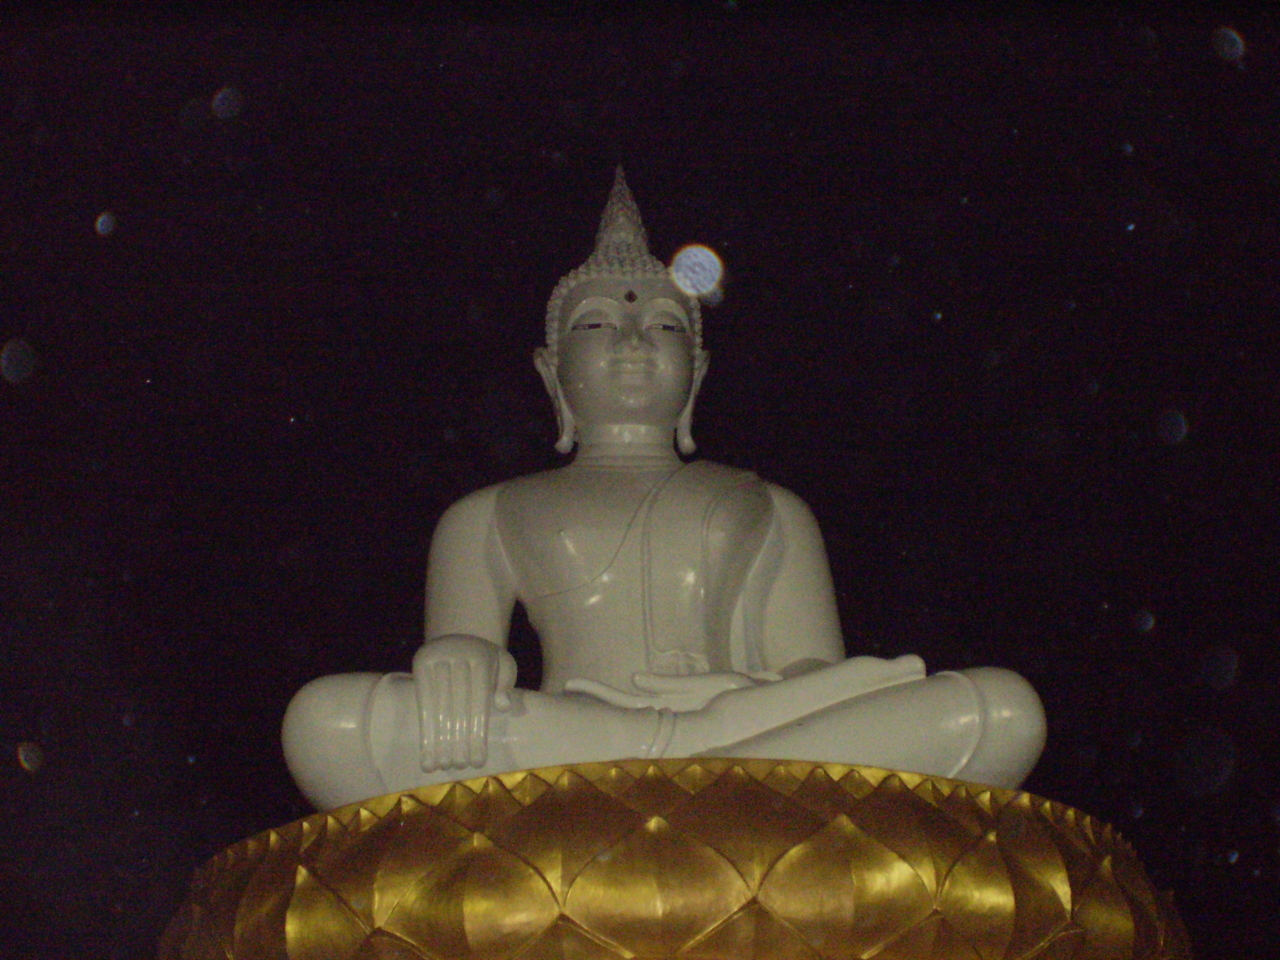 วัดถ้ำรัตนบุปผา จ.สระบุรี ในวันพิธีตัดกรรมหน้าองค์พระใหญ่